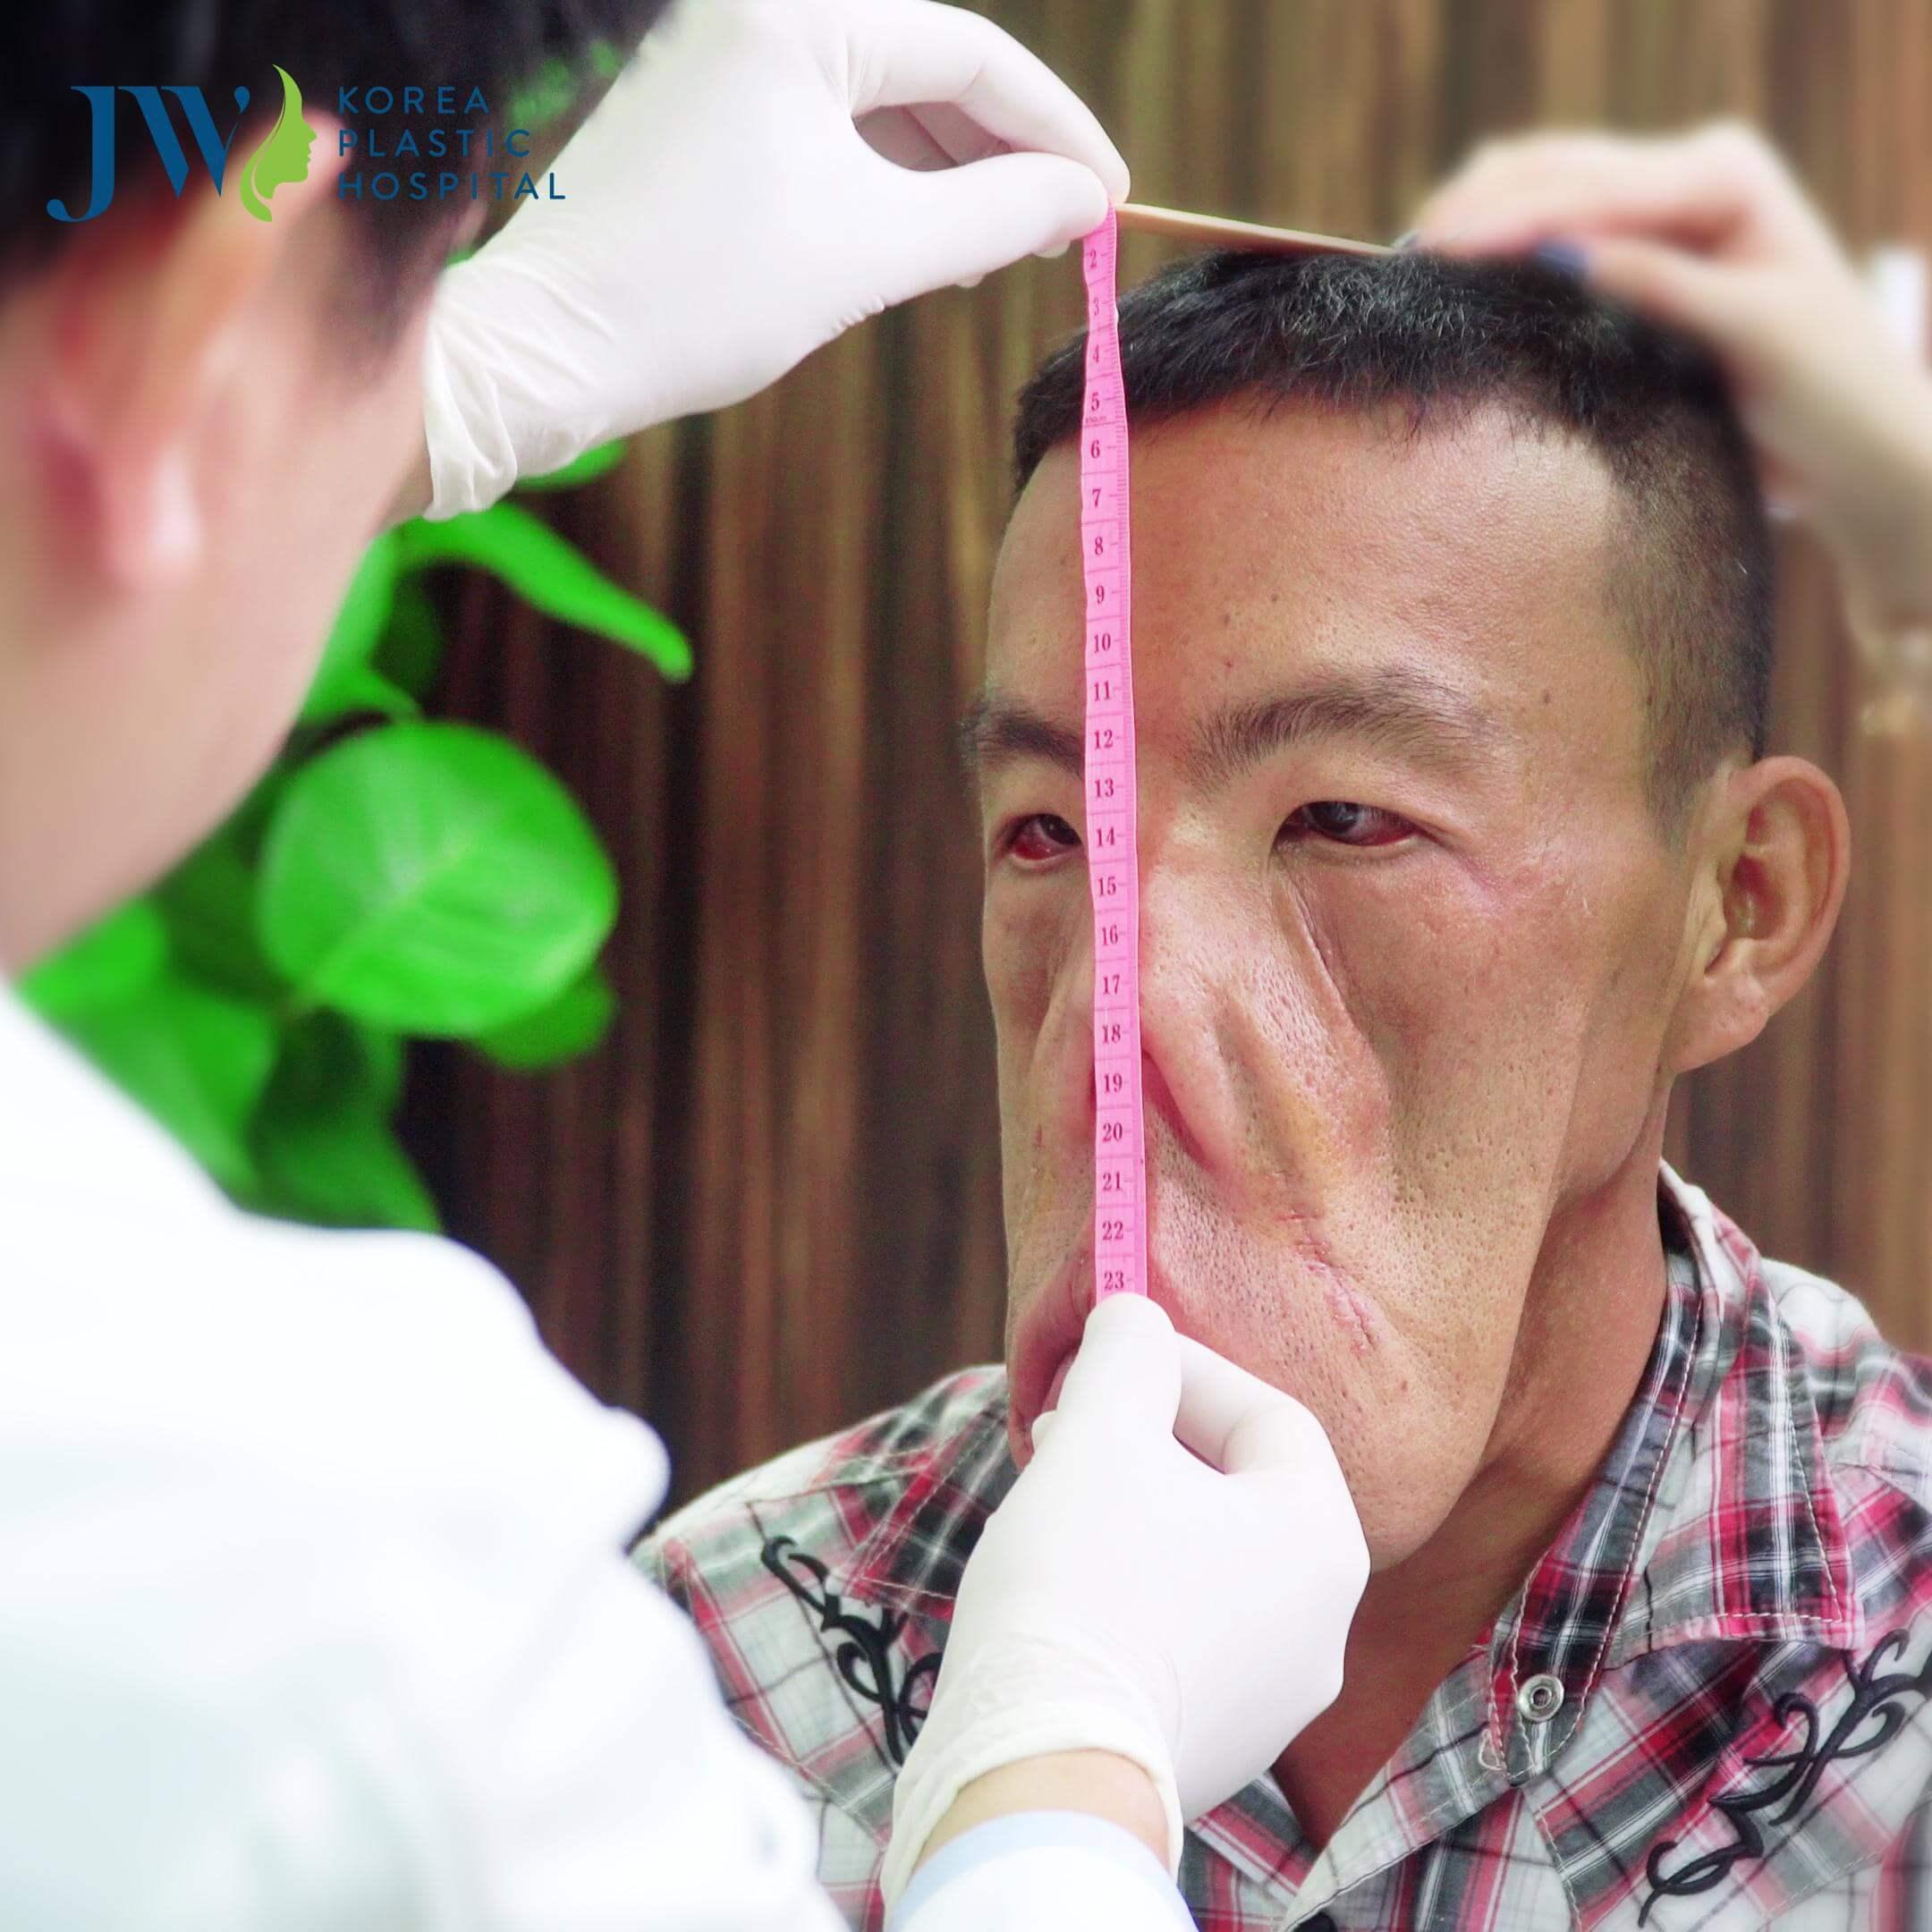 Cận cảnh anh Mến được bác sĩ Tú Dung đo lại gương mặt